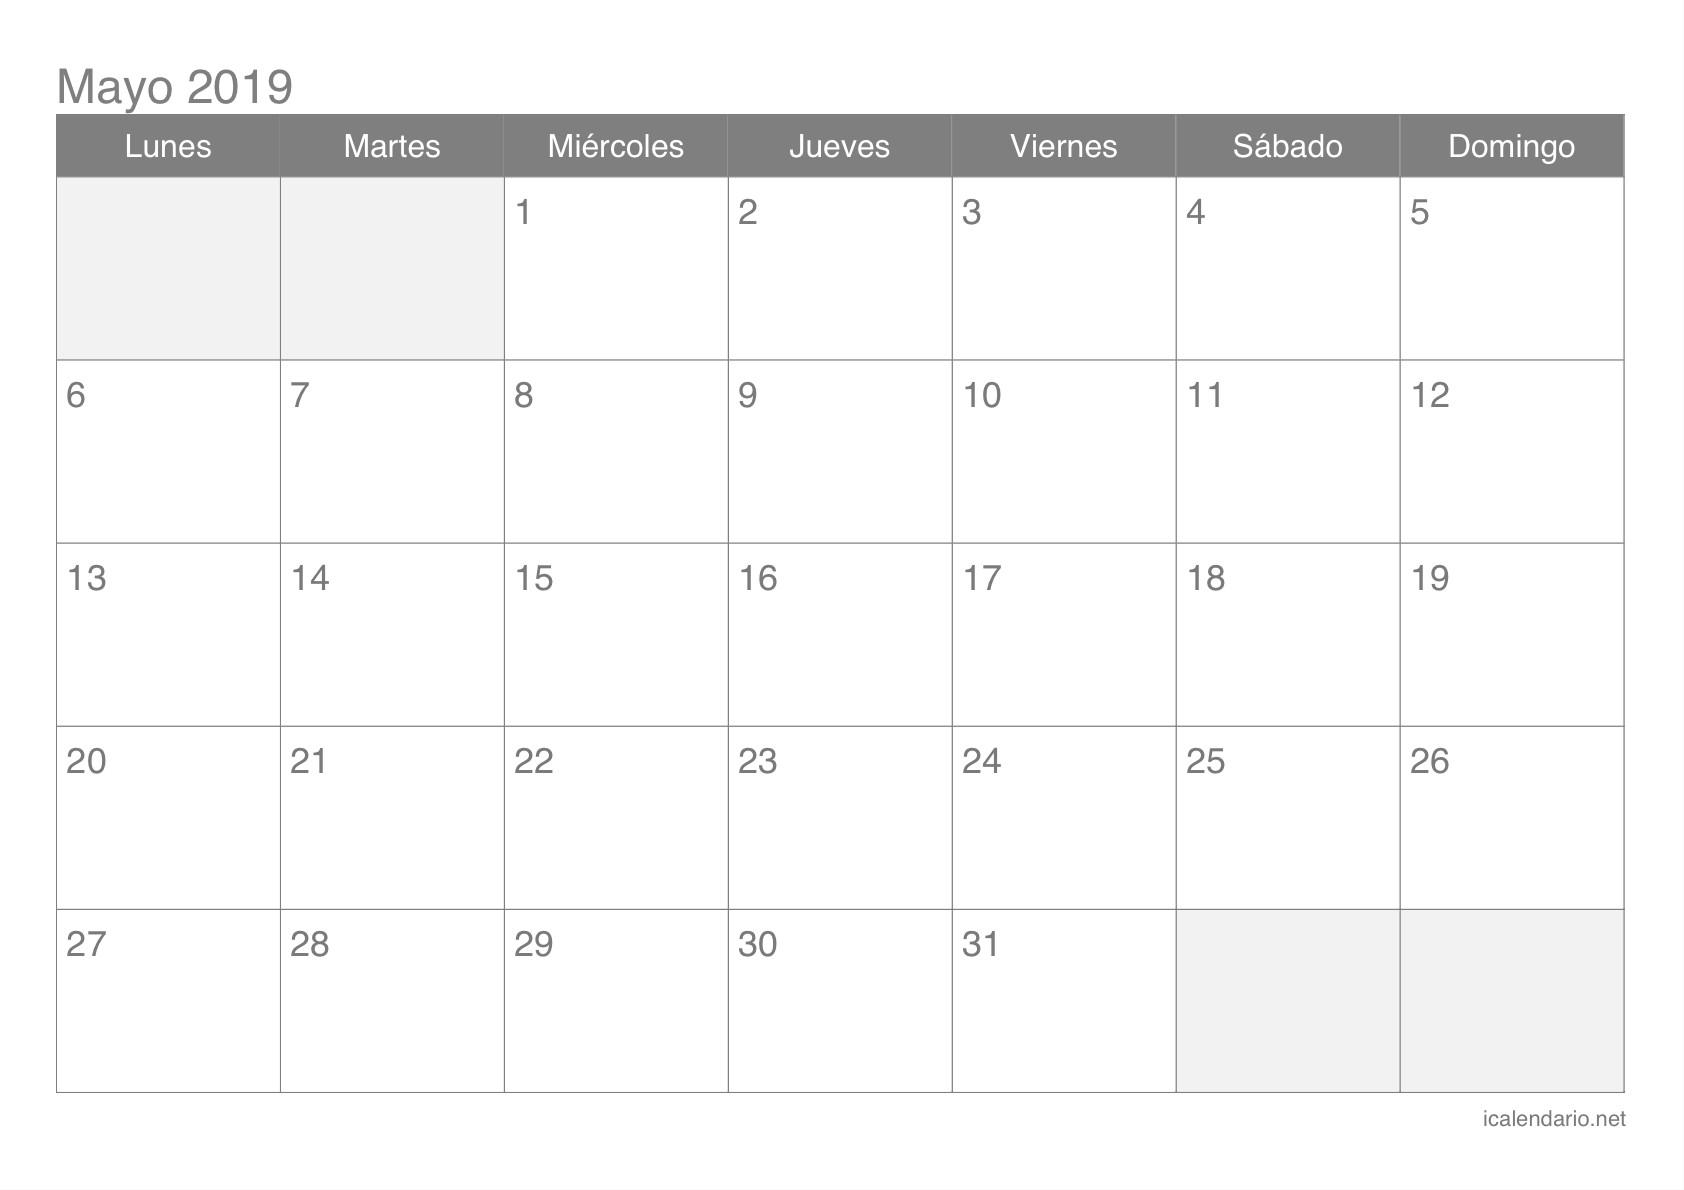 Calendario Septiembre 2019 Mexico Para Imprimir Más Arriba-a-fecha Calendario Mayo 2019 Para Imprimir Icalendario Of Calendario Septiembre 2019 Mexico Para Imprimir Más Recientes Se Abren Las Postulaciones Para La Escuela De Sistemas Plejos